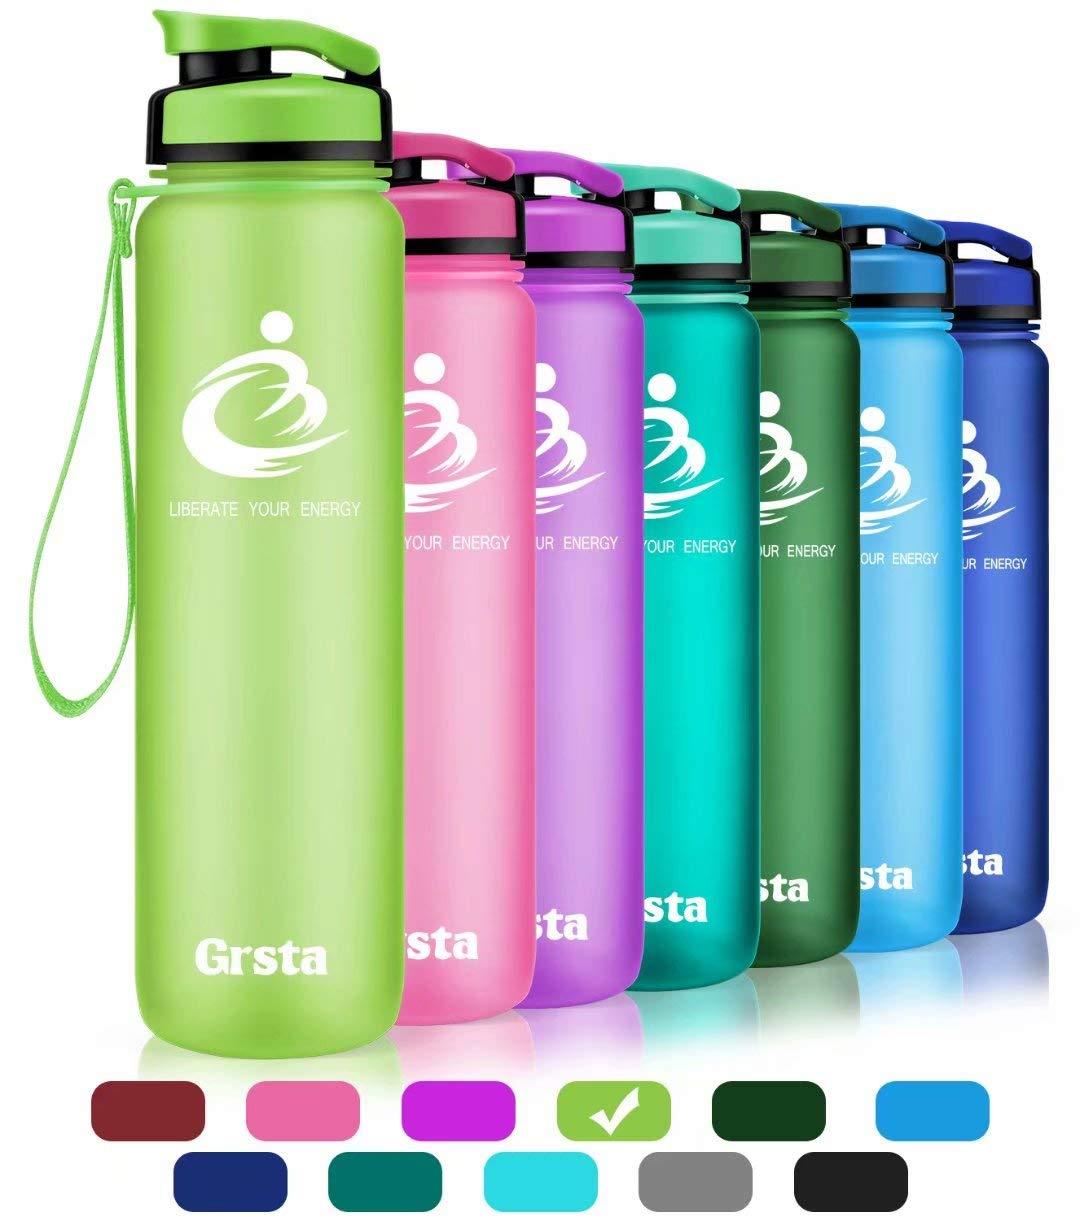 grstaスポーツウォーターボトル591 ml / 1l、広い口Leak Proof Bpaフリー環境に優しいプラスチックDrink Best水ボトルのアウトドア/ランニング/キャンプ/ジムWフリップトップ蓋&フィルタOpen with 1-click B075M9WD5C 800ml|Green-800ml Green-800ml 800ml